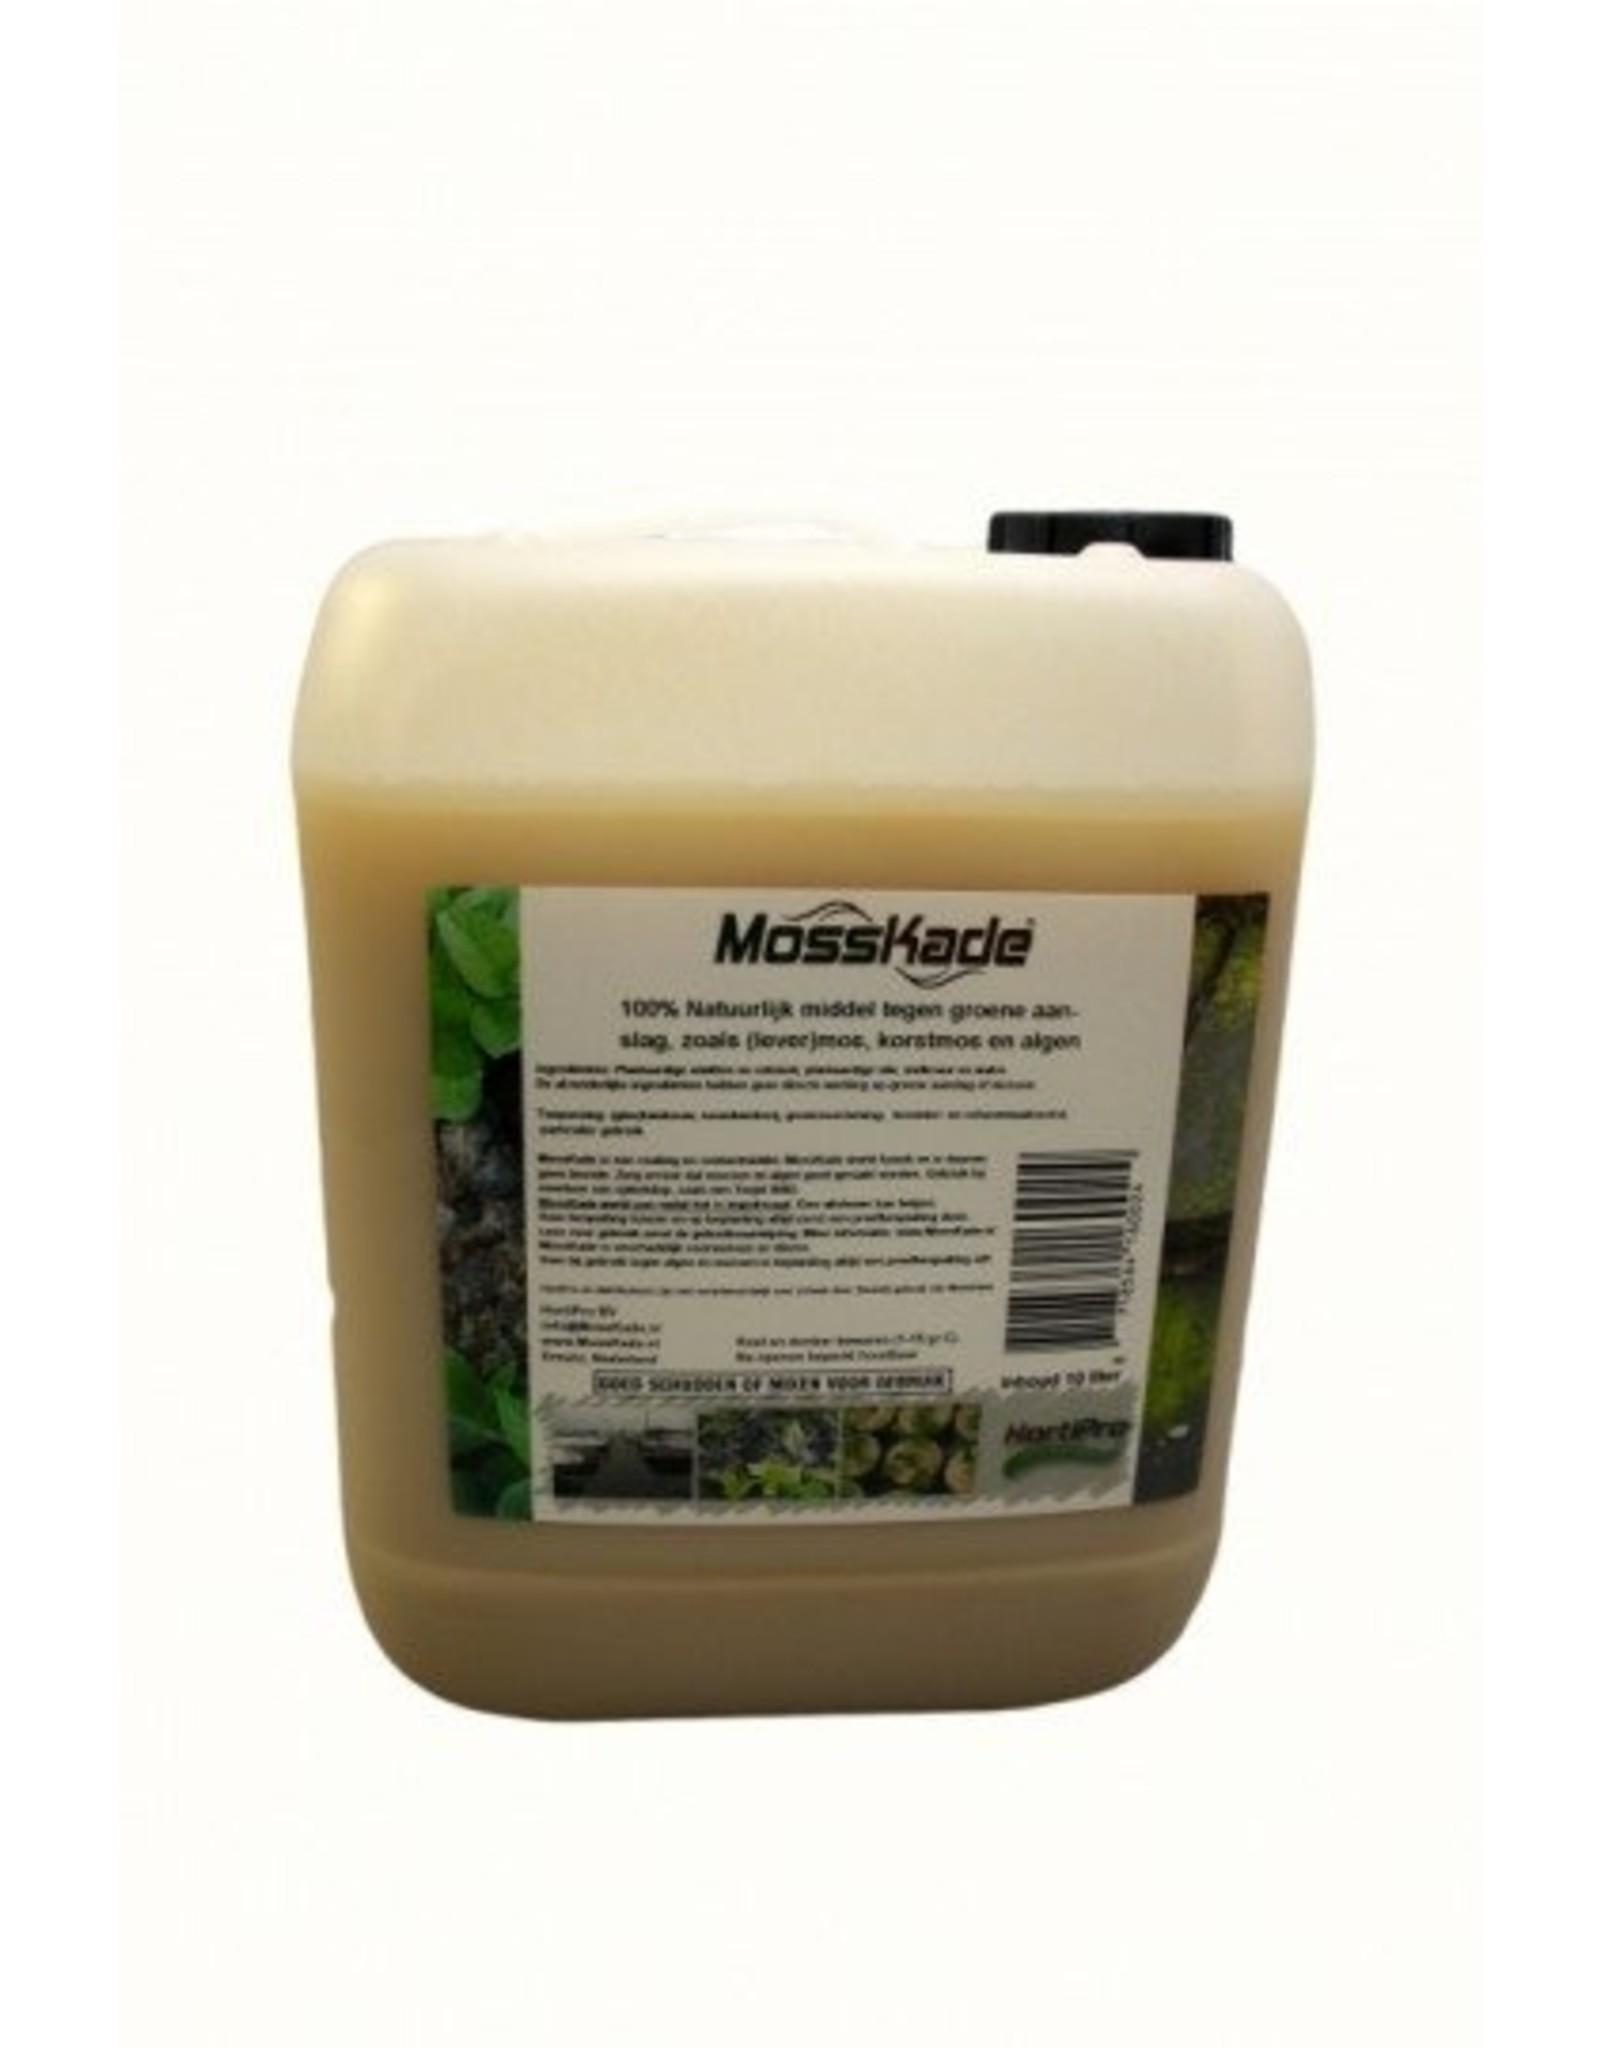 MossKade 10 liter (concentraat) tegen levermos, mos (ook in het gazon), korstmos en algen